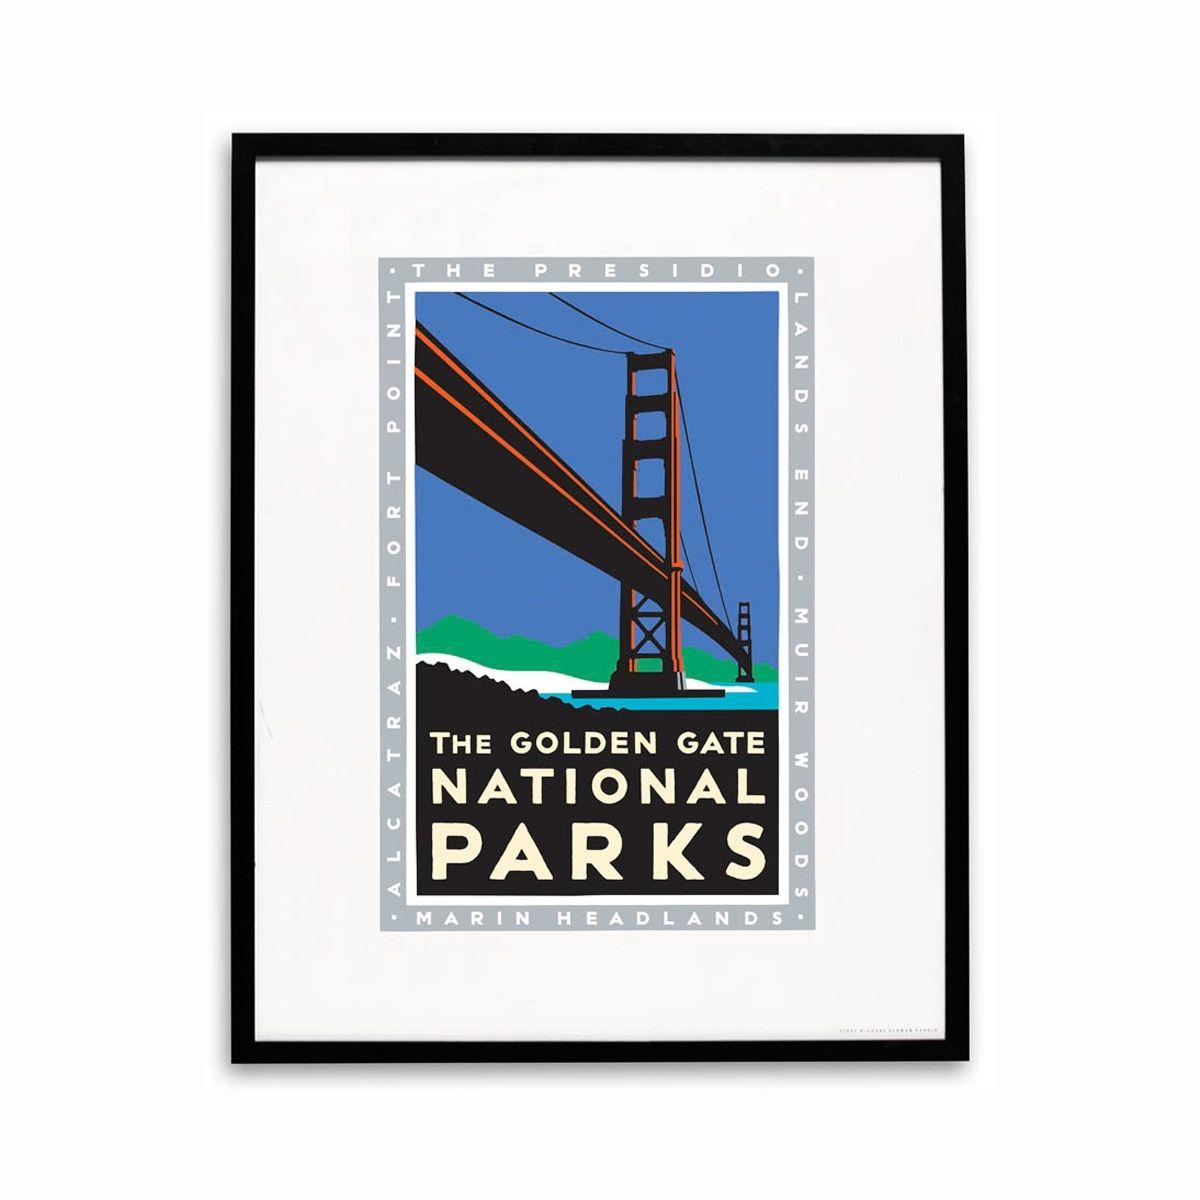 Framed Poster Golden Gate National Parks National park